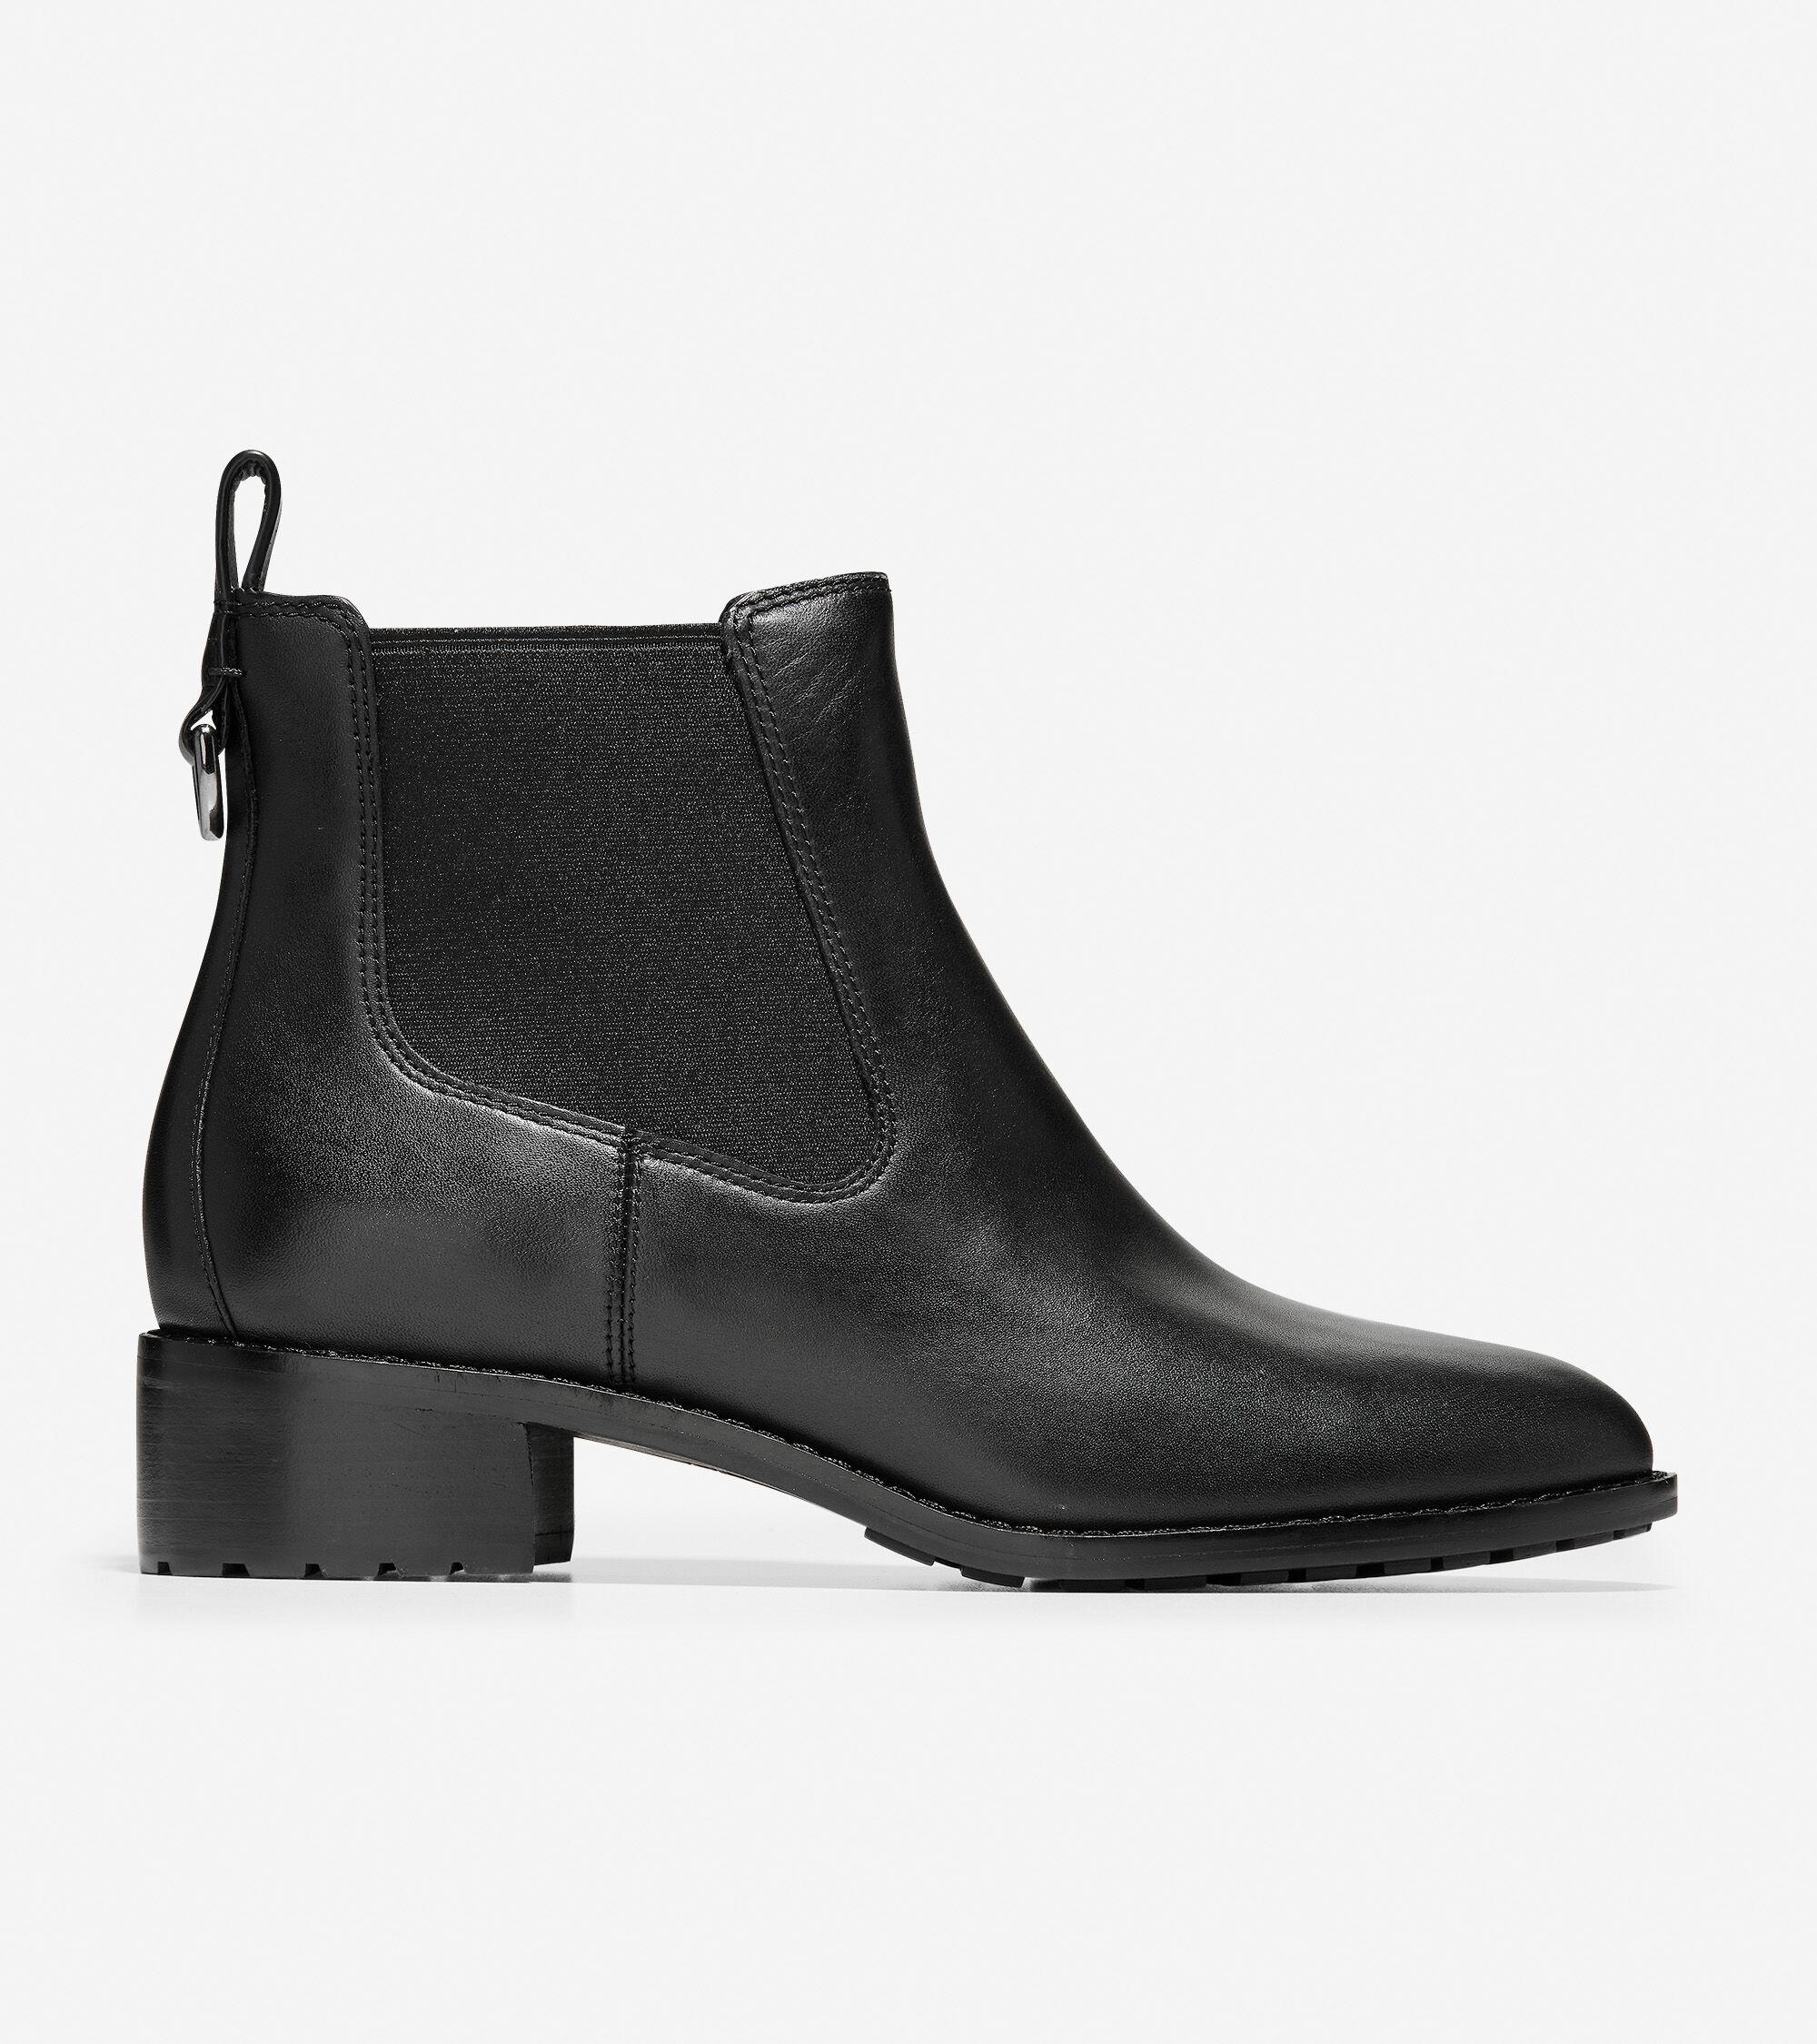 Women's Newburg Bootie in Black Leather